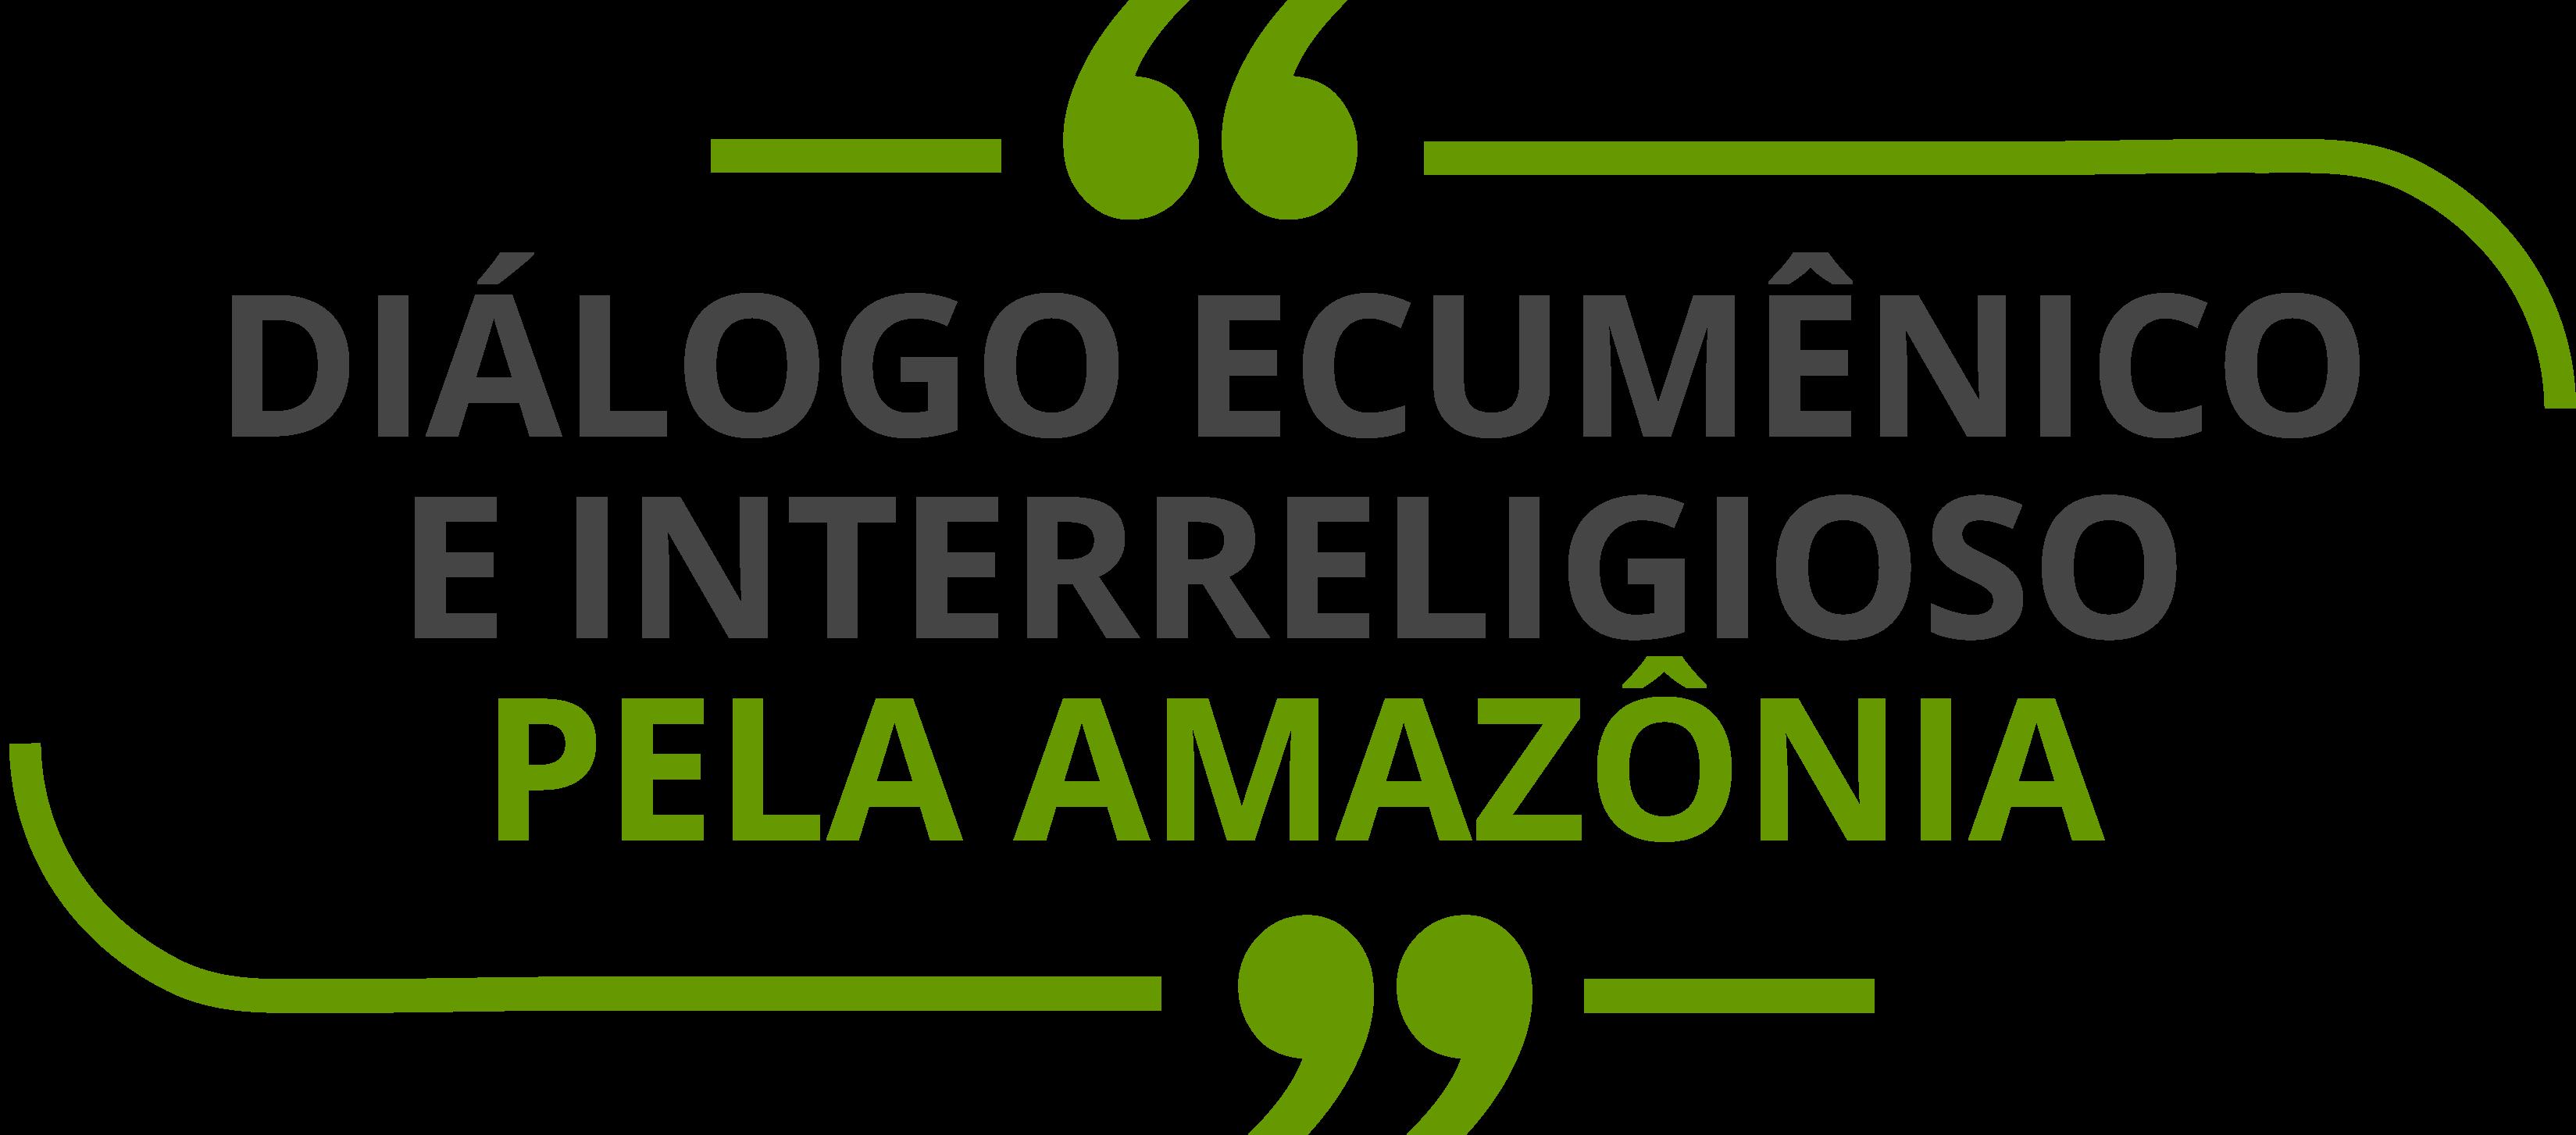 Diálogo Ecumênico e Interreligioso pela Amazônia